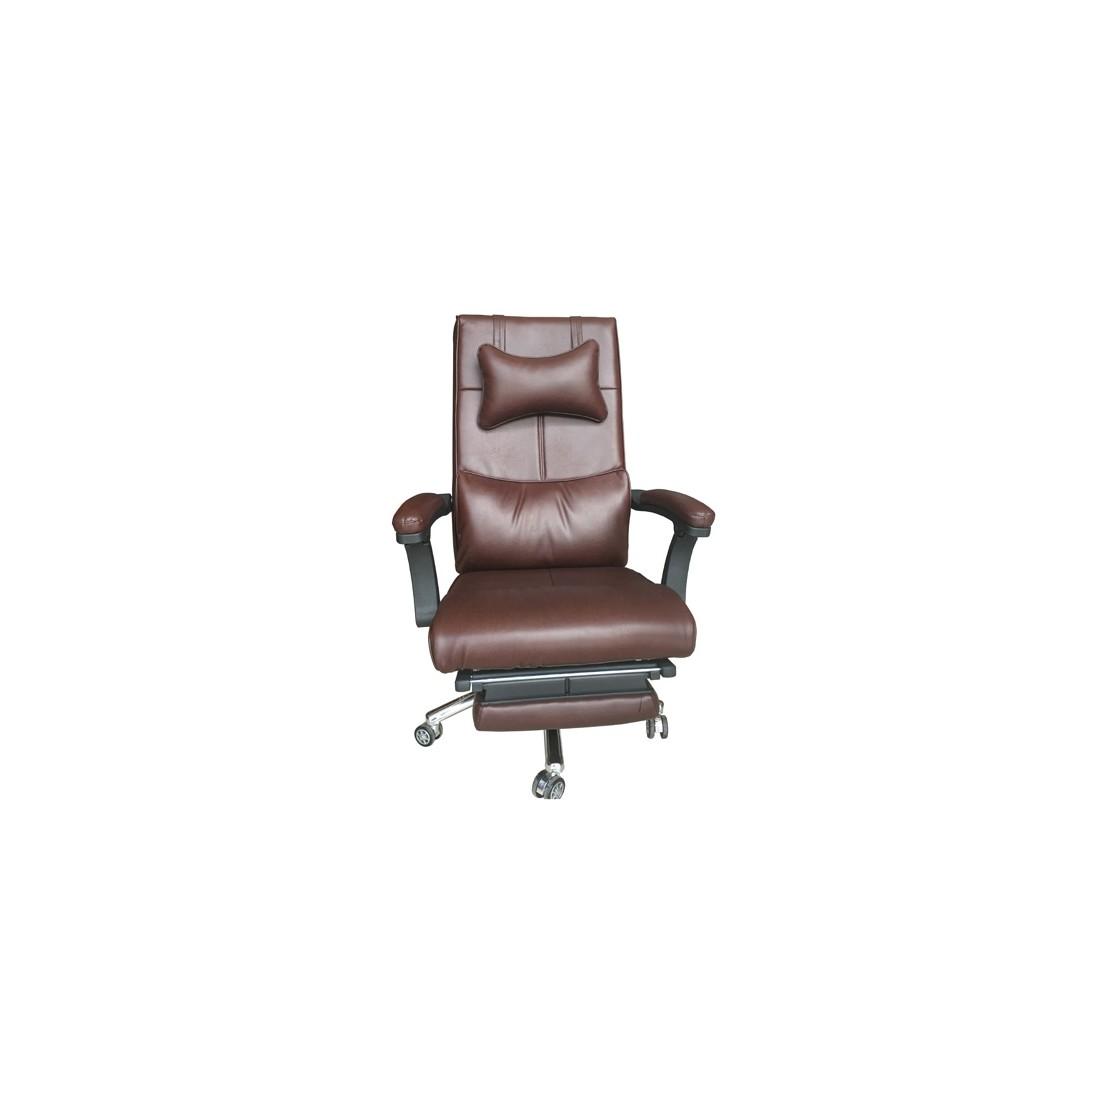 Ghế ngả S607-Thế giới đồ gia dụng HMD